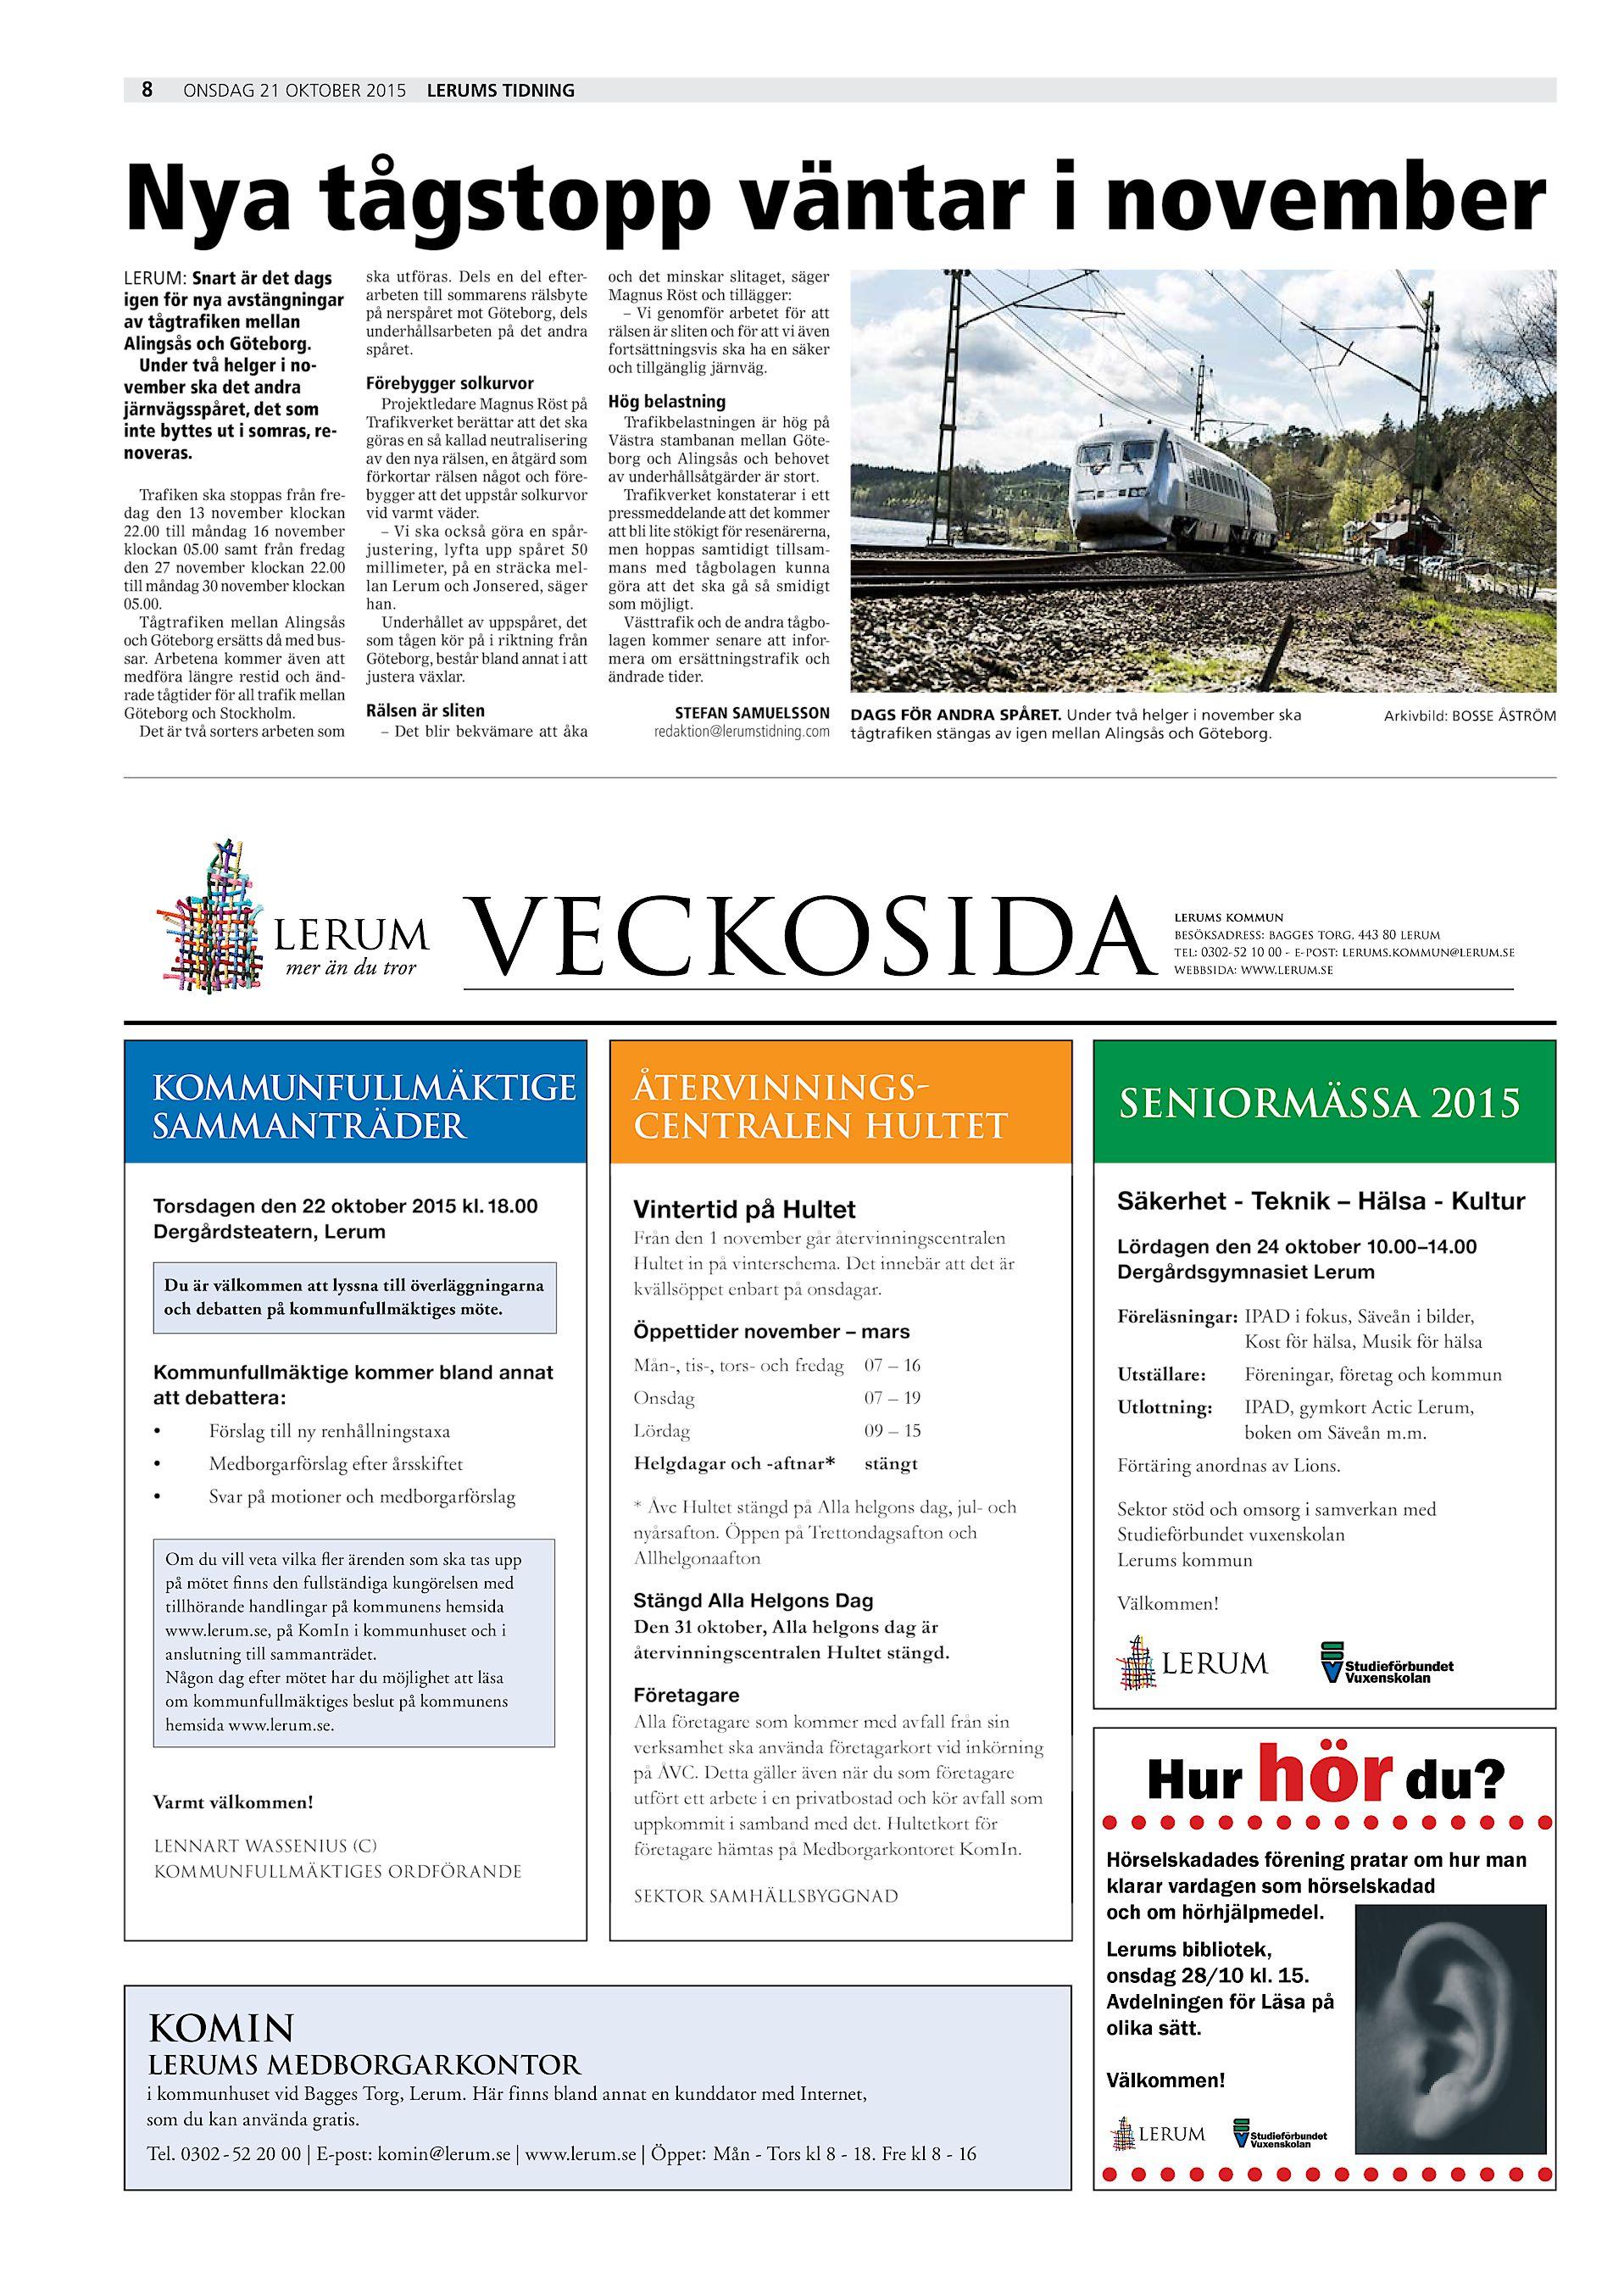 b74f3bf4da7 ... 2015 Lerums Tidning Nya tågstopp väntar i november LERUM: Snart är det  dags igen för nya avstängningar av tågtrafiken mellan Alingsås och Göteborg.